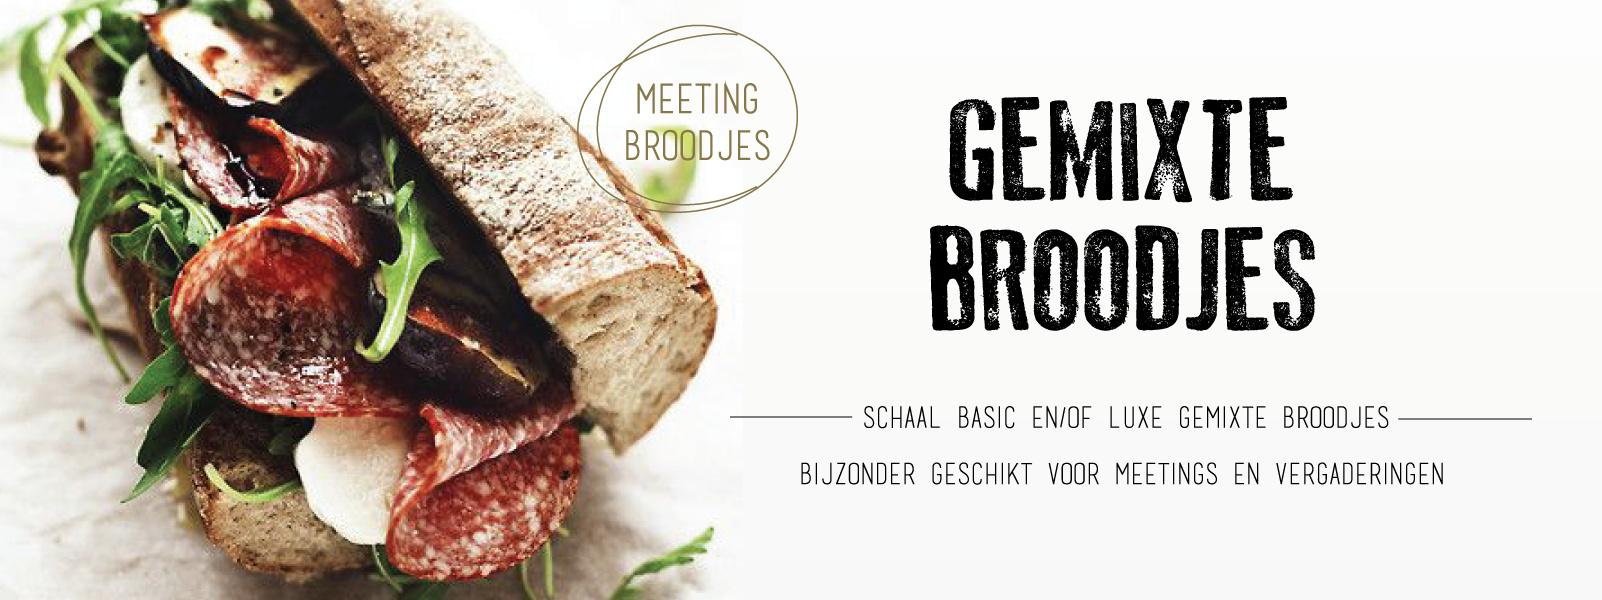 meeting broodjes